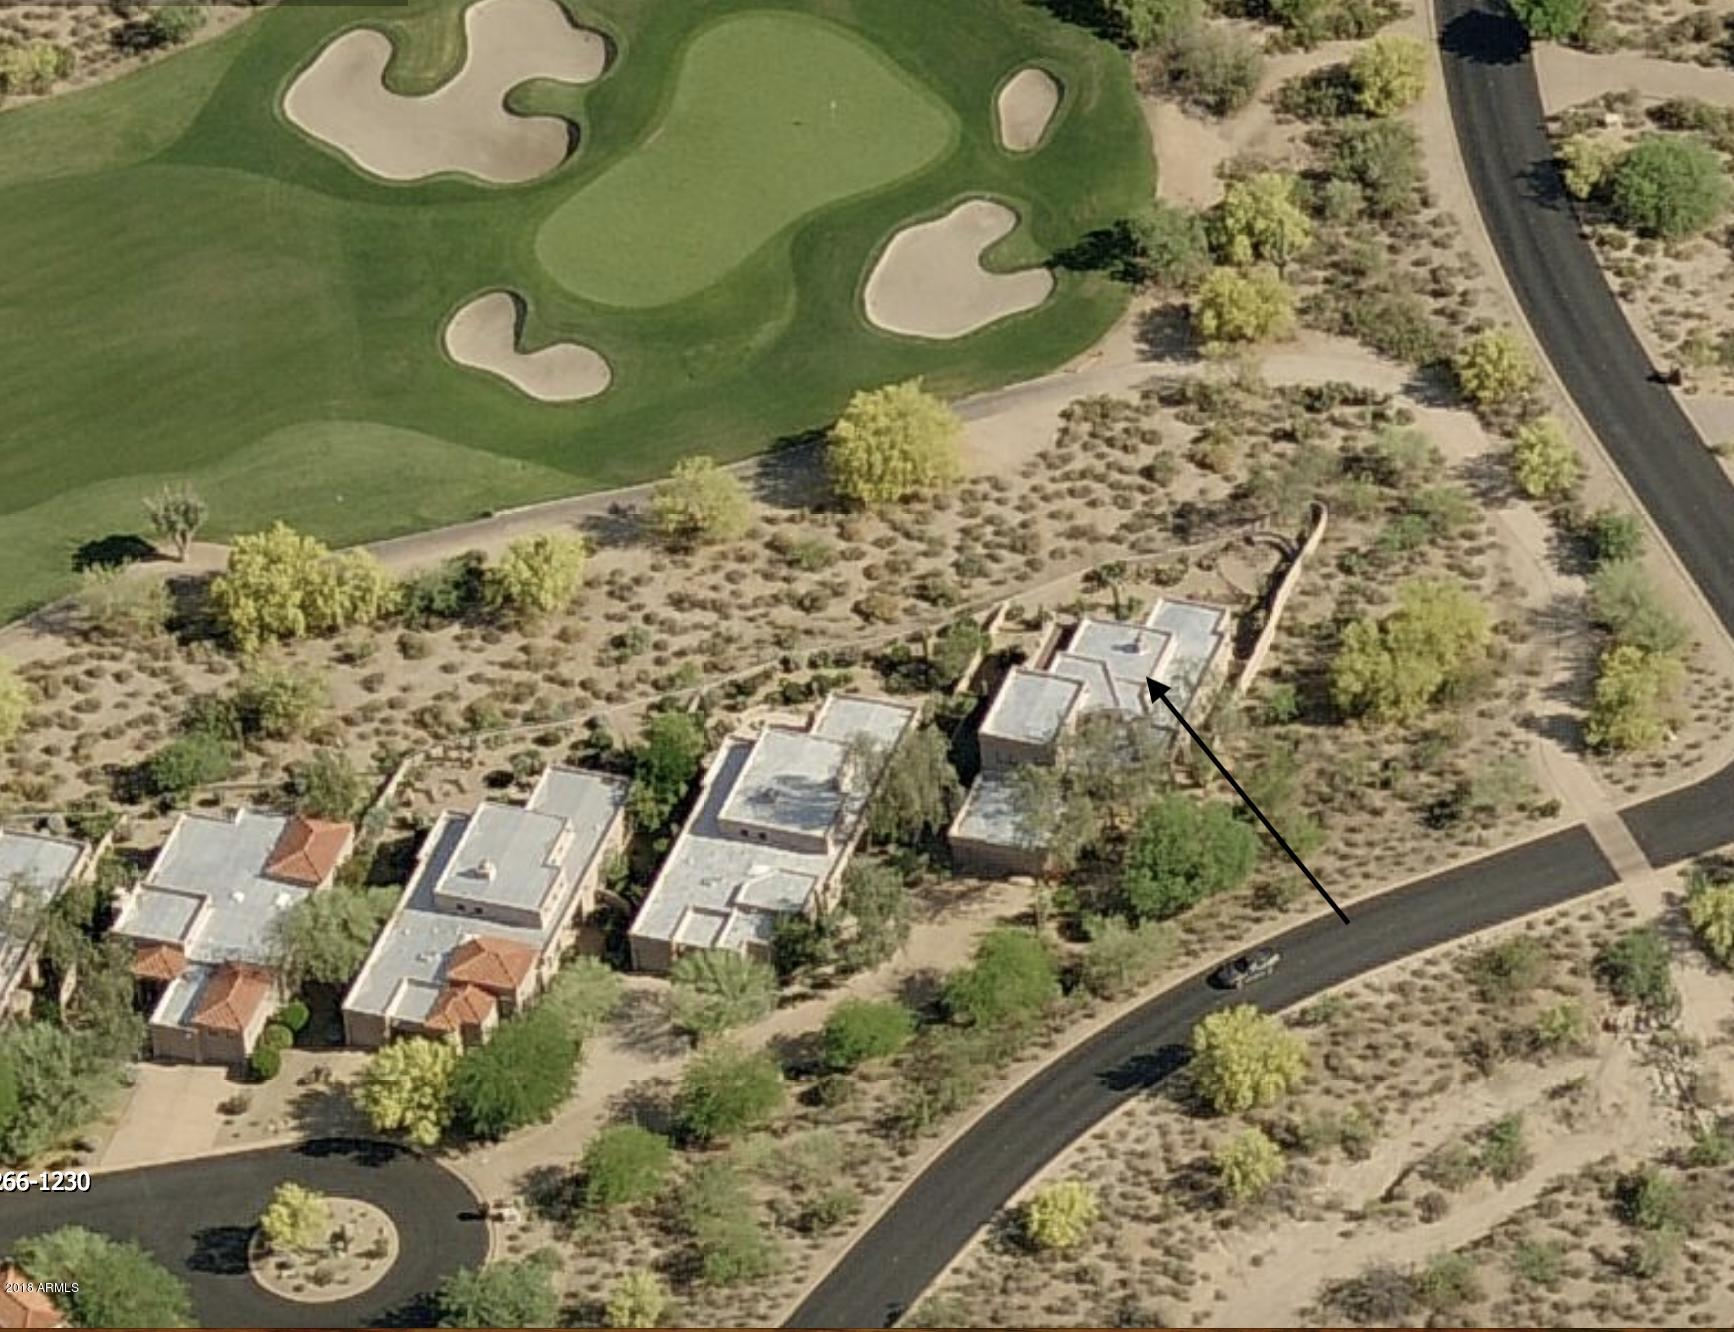 MLS 5841392 7800 E Boulders Parkway Unit 9, Scottsdale, AZ 85266 Scottsdale AZ The Boulders